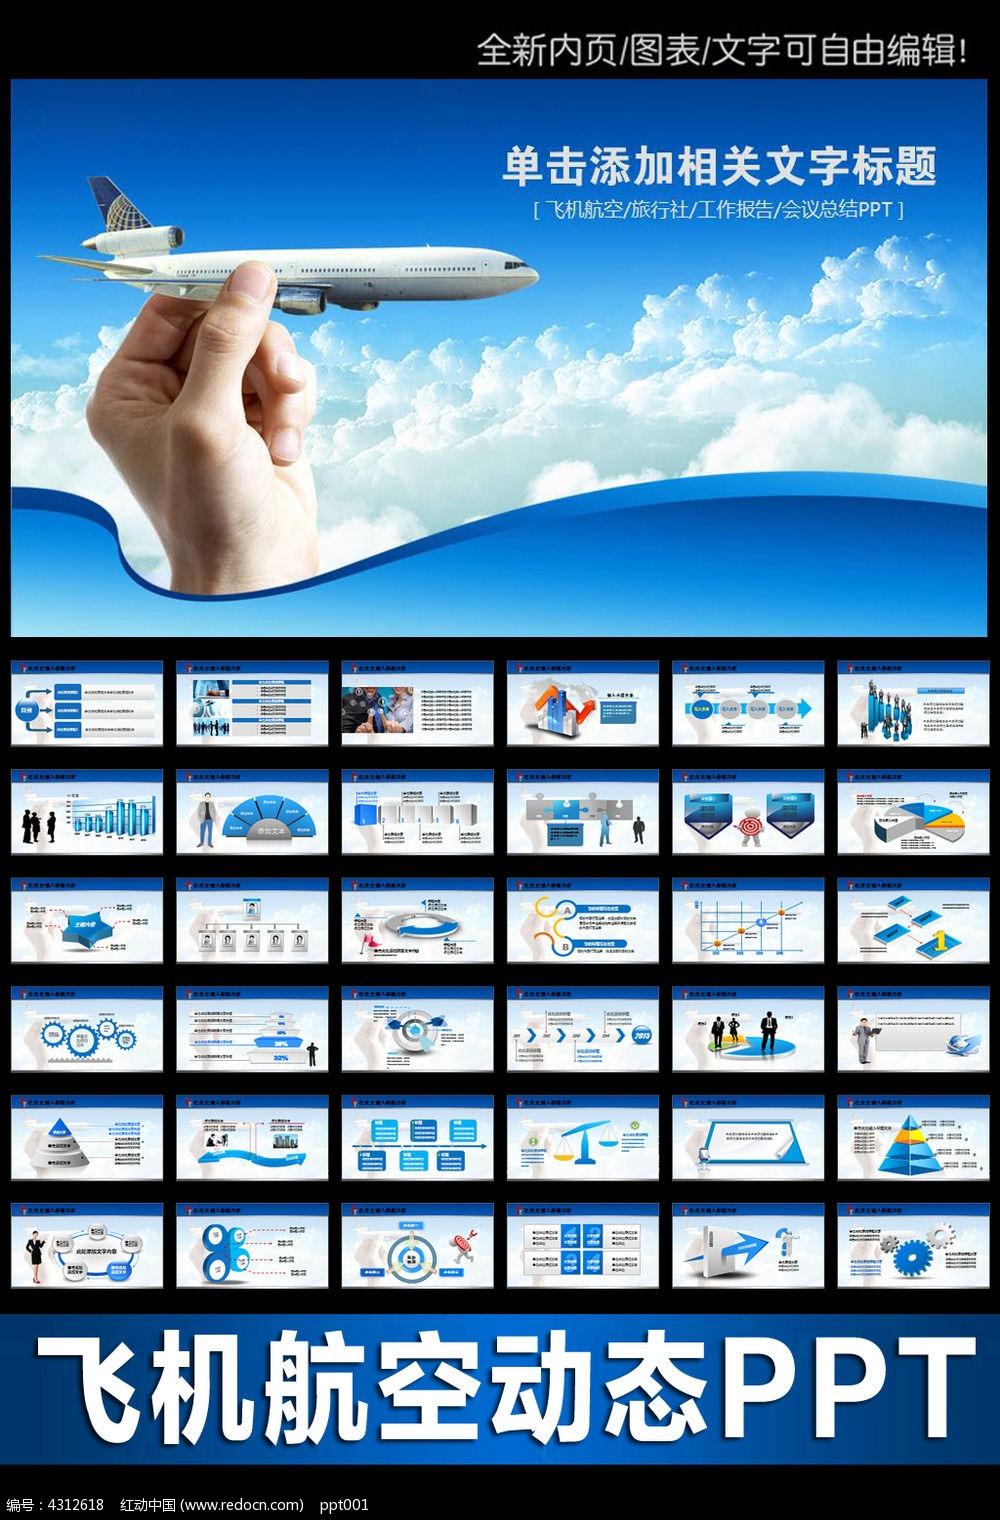 航空物流公司ppt模板